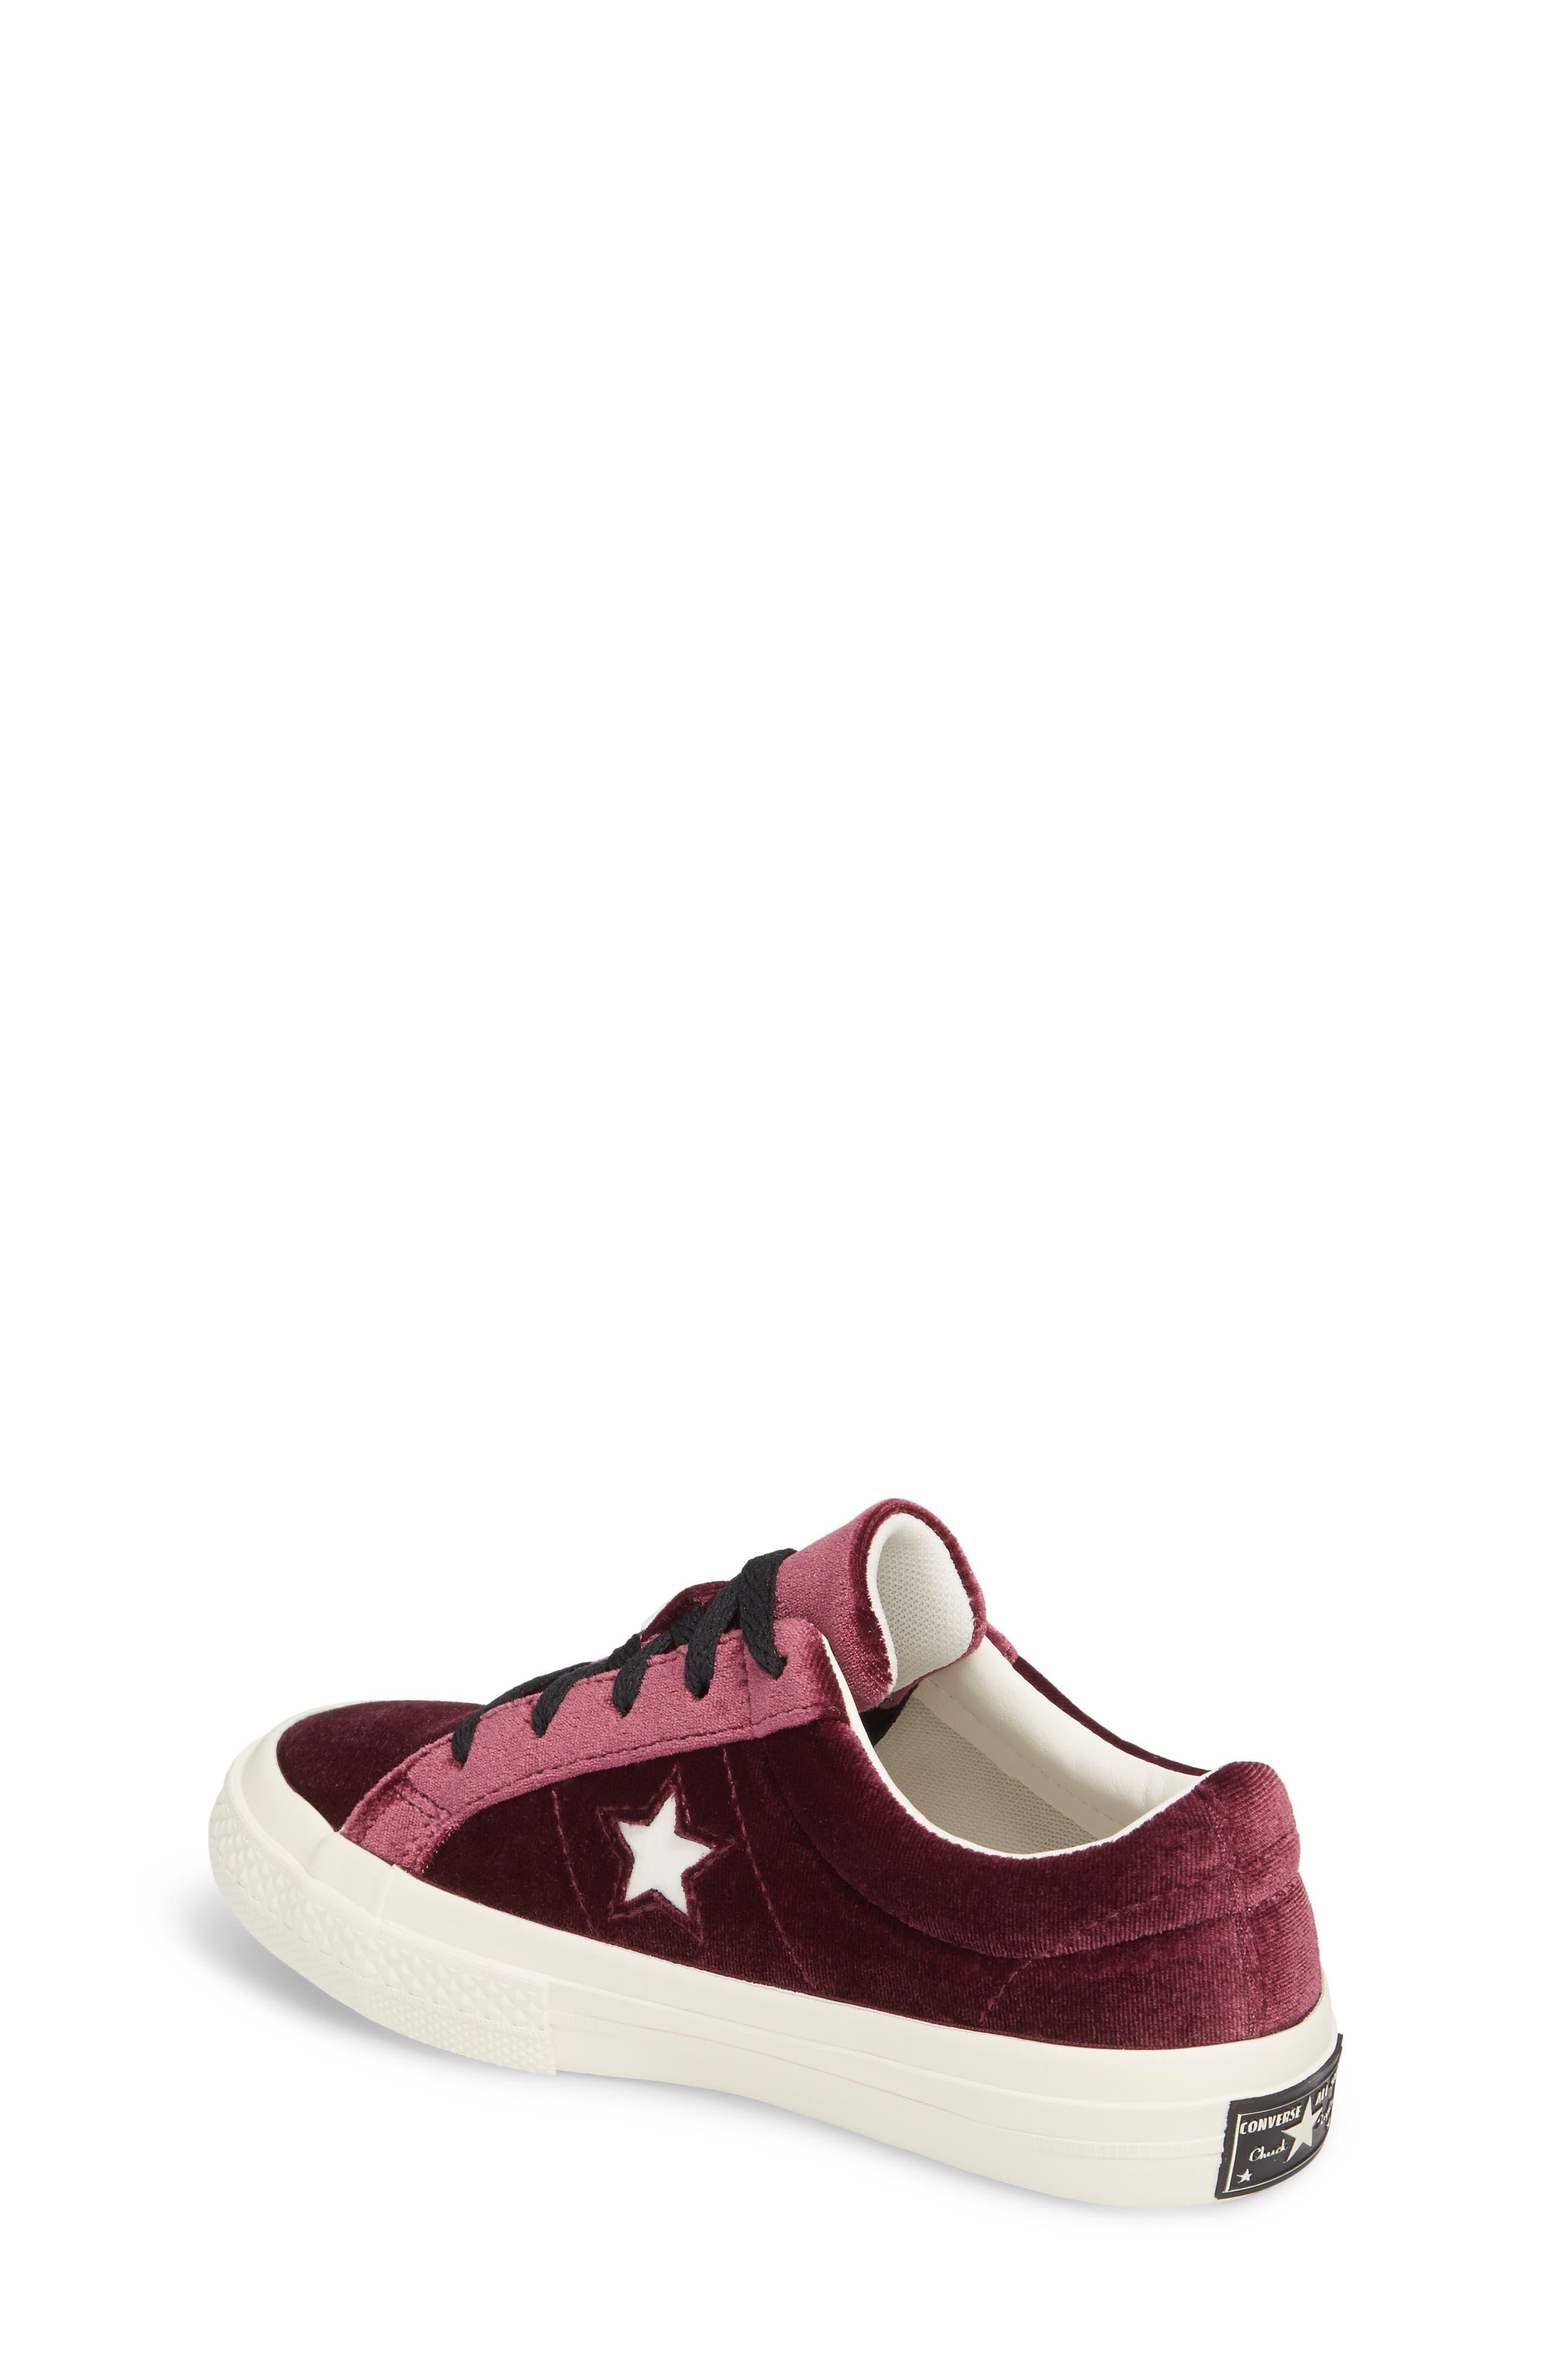 Chuck Taylor<sup>®</sup> All Star<sup>®</sup> One Star Velvet Platform Sneaker,                             Alternate thumbnail 2, color,                             Sangria Velvet